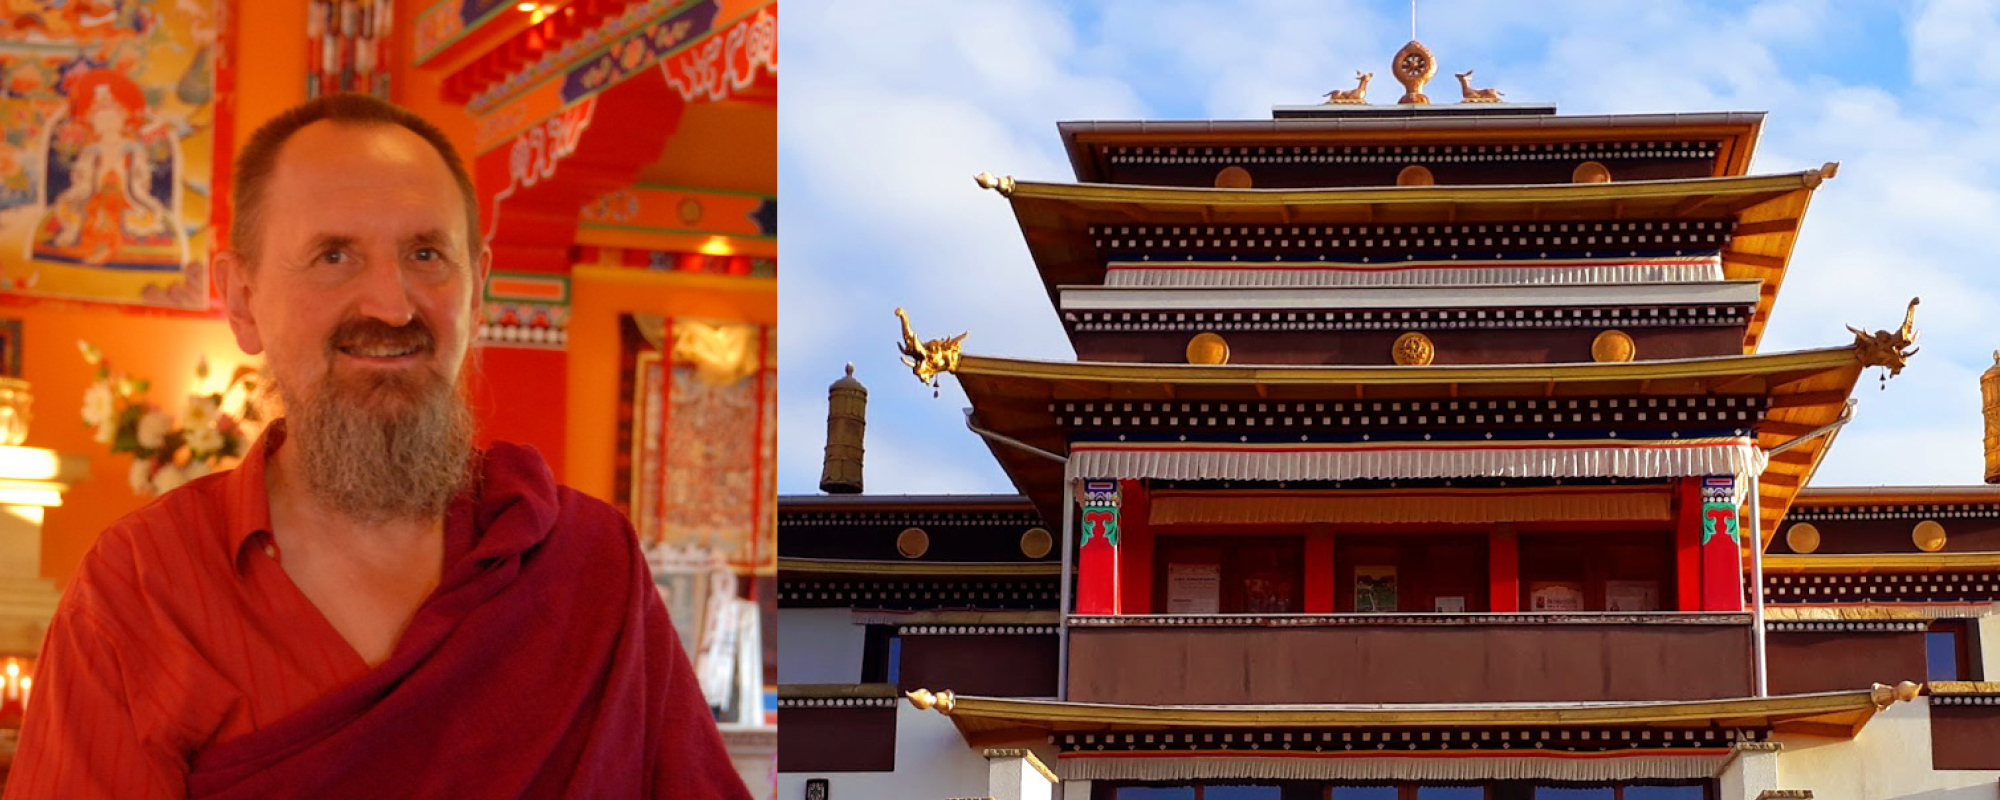 Bevezetés a meditációba - Láma Csöpel tanítása @ Tara Templom - Tar | Tar | Magyarország